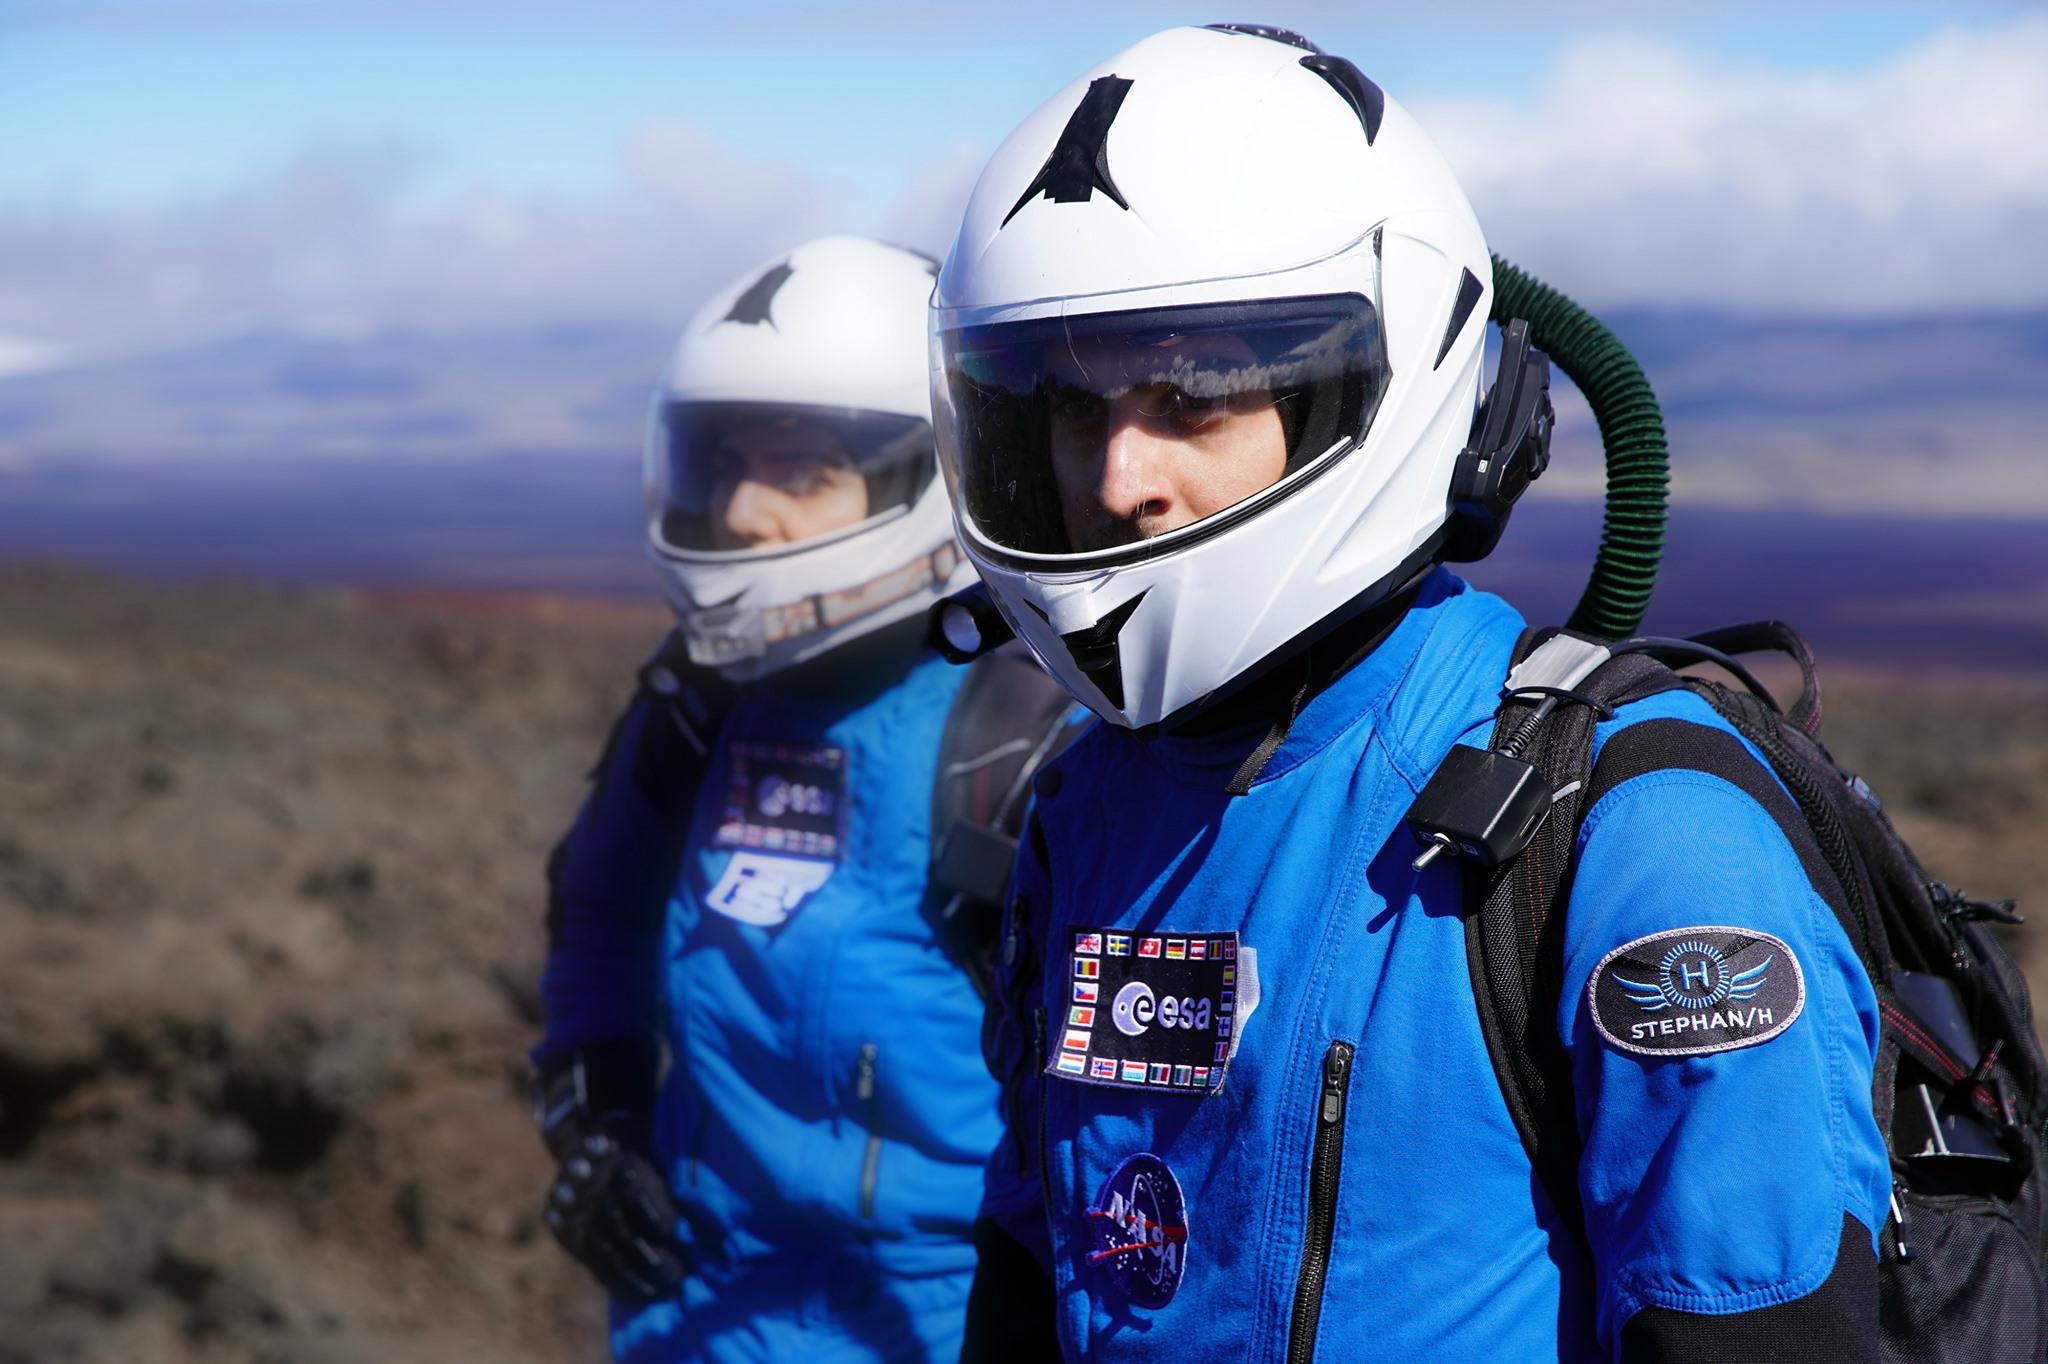 UNDER ARMOUR x VIRGIN Galactic: Μια νέα, διαστημική συνεργασία Τον Ιανουάριο του 2019 η UNDER ARMOUR ανακοίνωσε τη συνεργασία της με τον ιδρυτή της Virgin Galactic, Sir Richard Branson, μία συνεργασία που συνδυάζει ρούχα και υποδήματα, αποκλειστικά σχεδιασμένα για τους πρώτους ιδιώτες αστροναύτες που θα φτάσουν στο διάστημα. Στις 11 Ιούλιου του 2021, το όνειρο έγινε πραγματικότητα!